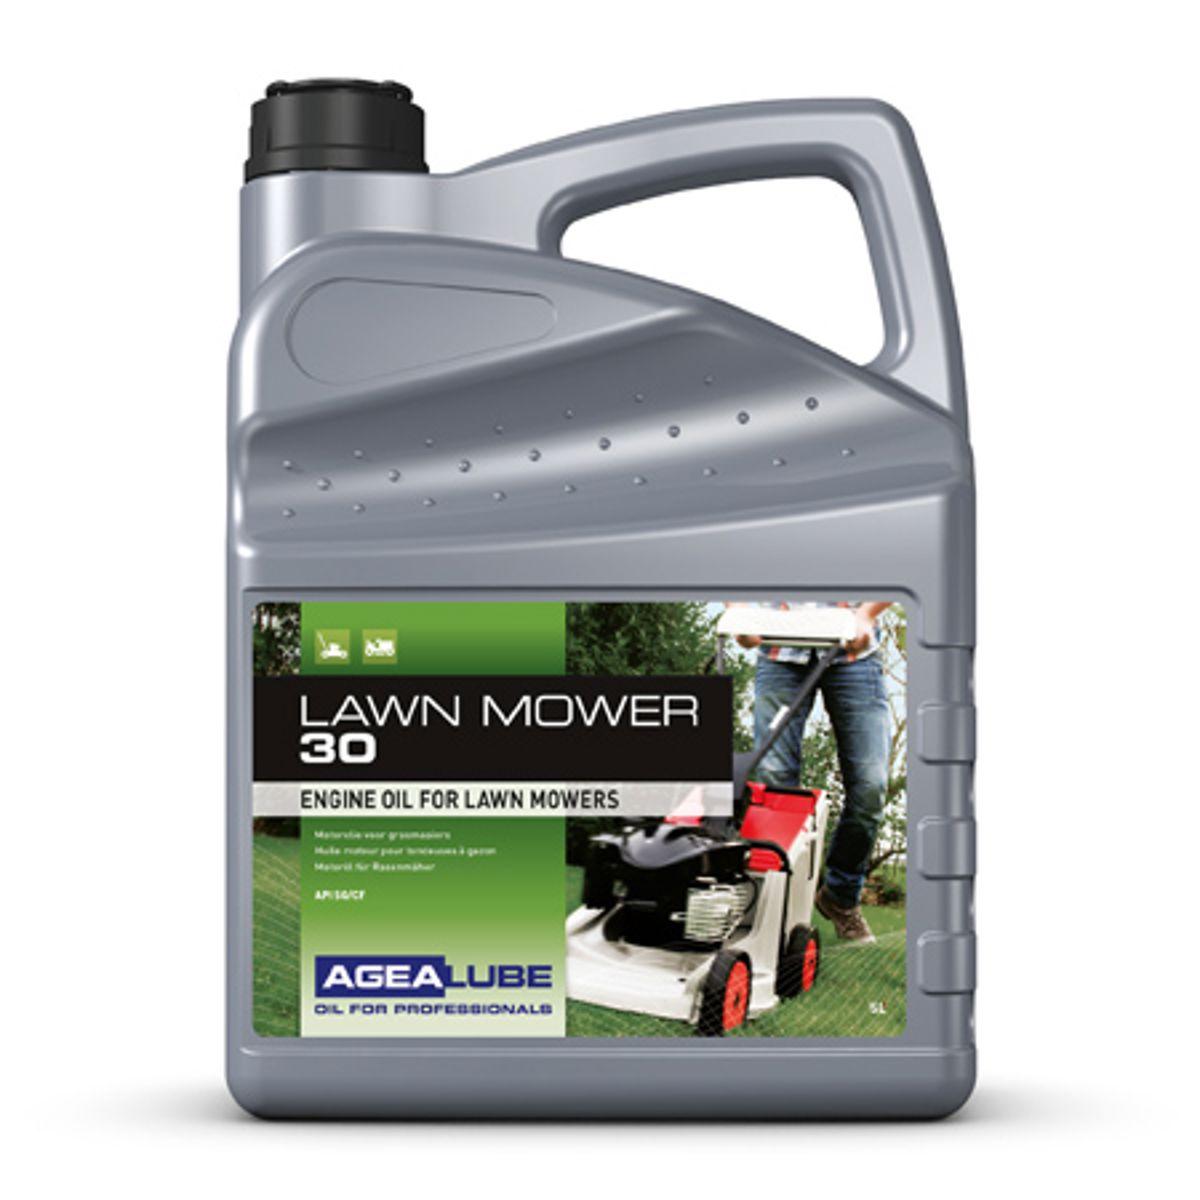 Agealube lawn mower 30 motorolie 5l